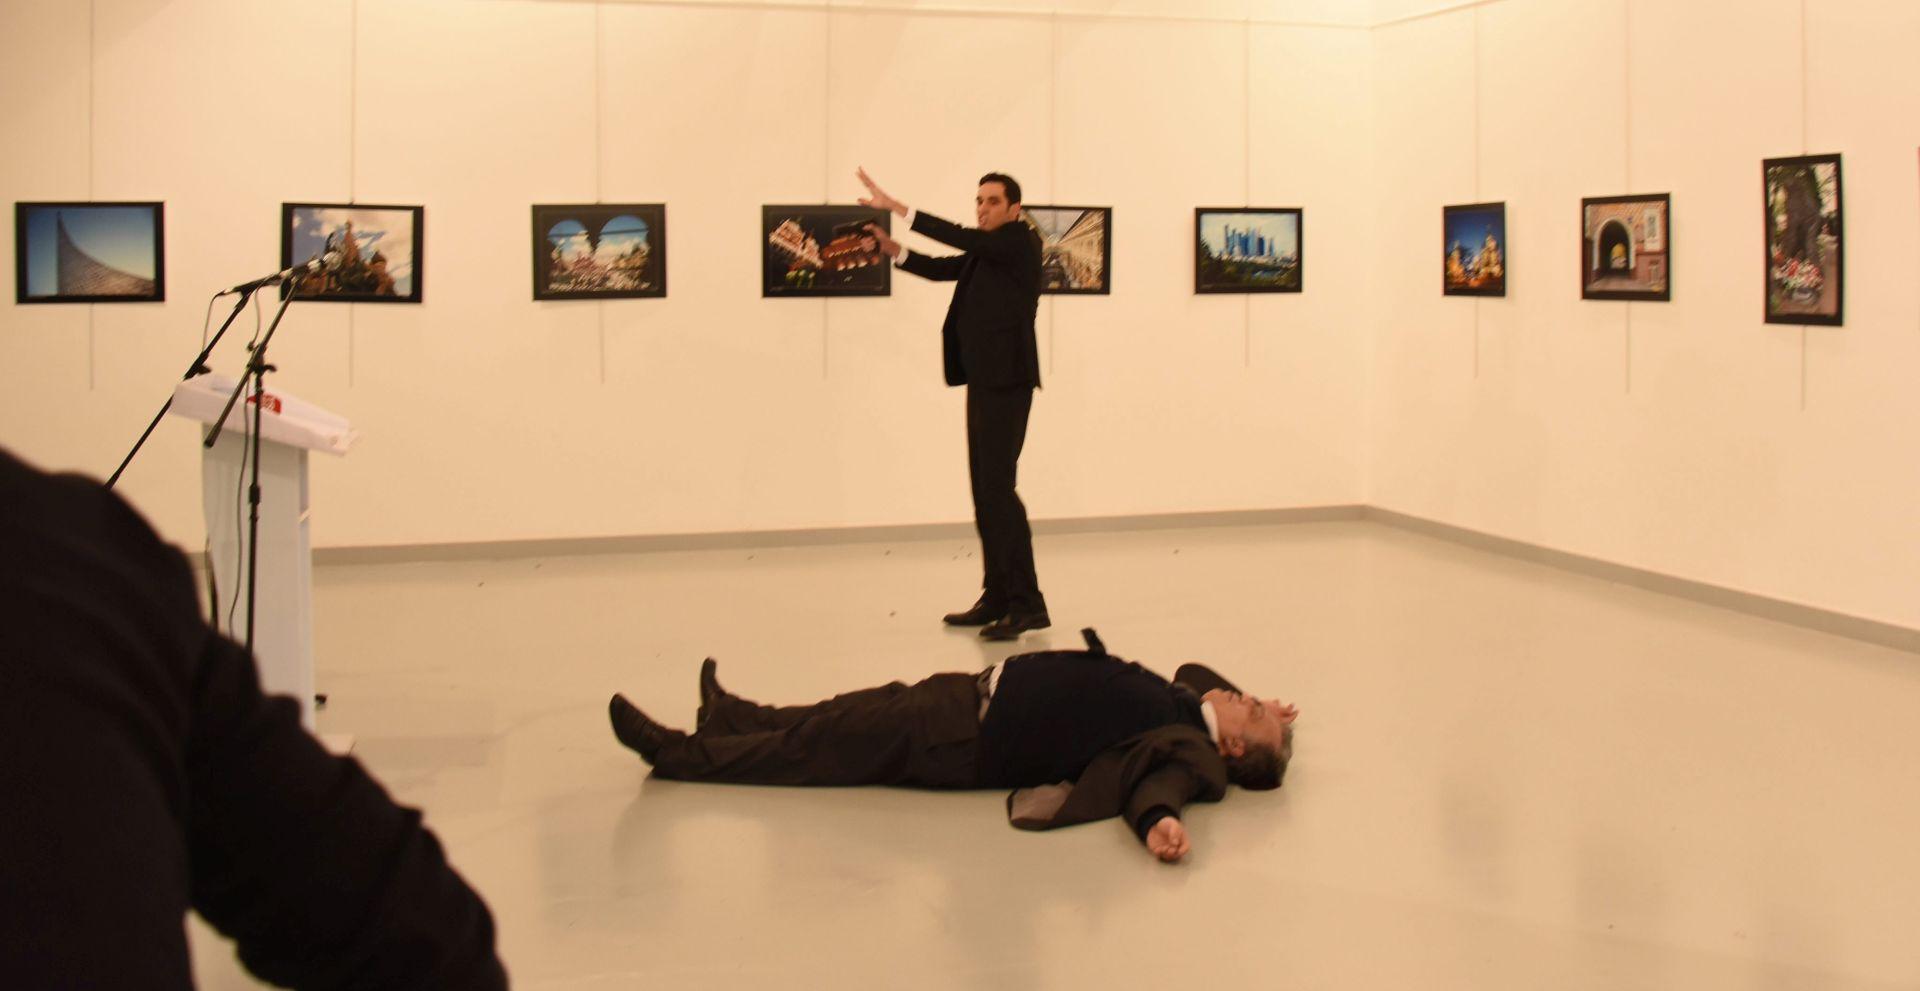 UBOJSTVO VELEPOSLANIKA: Ubojica štitio Erdogana u osam navrata